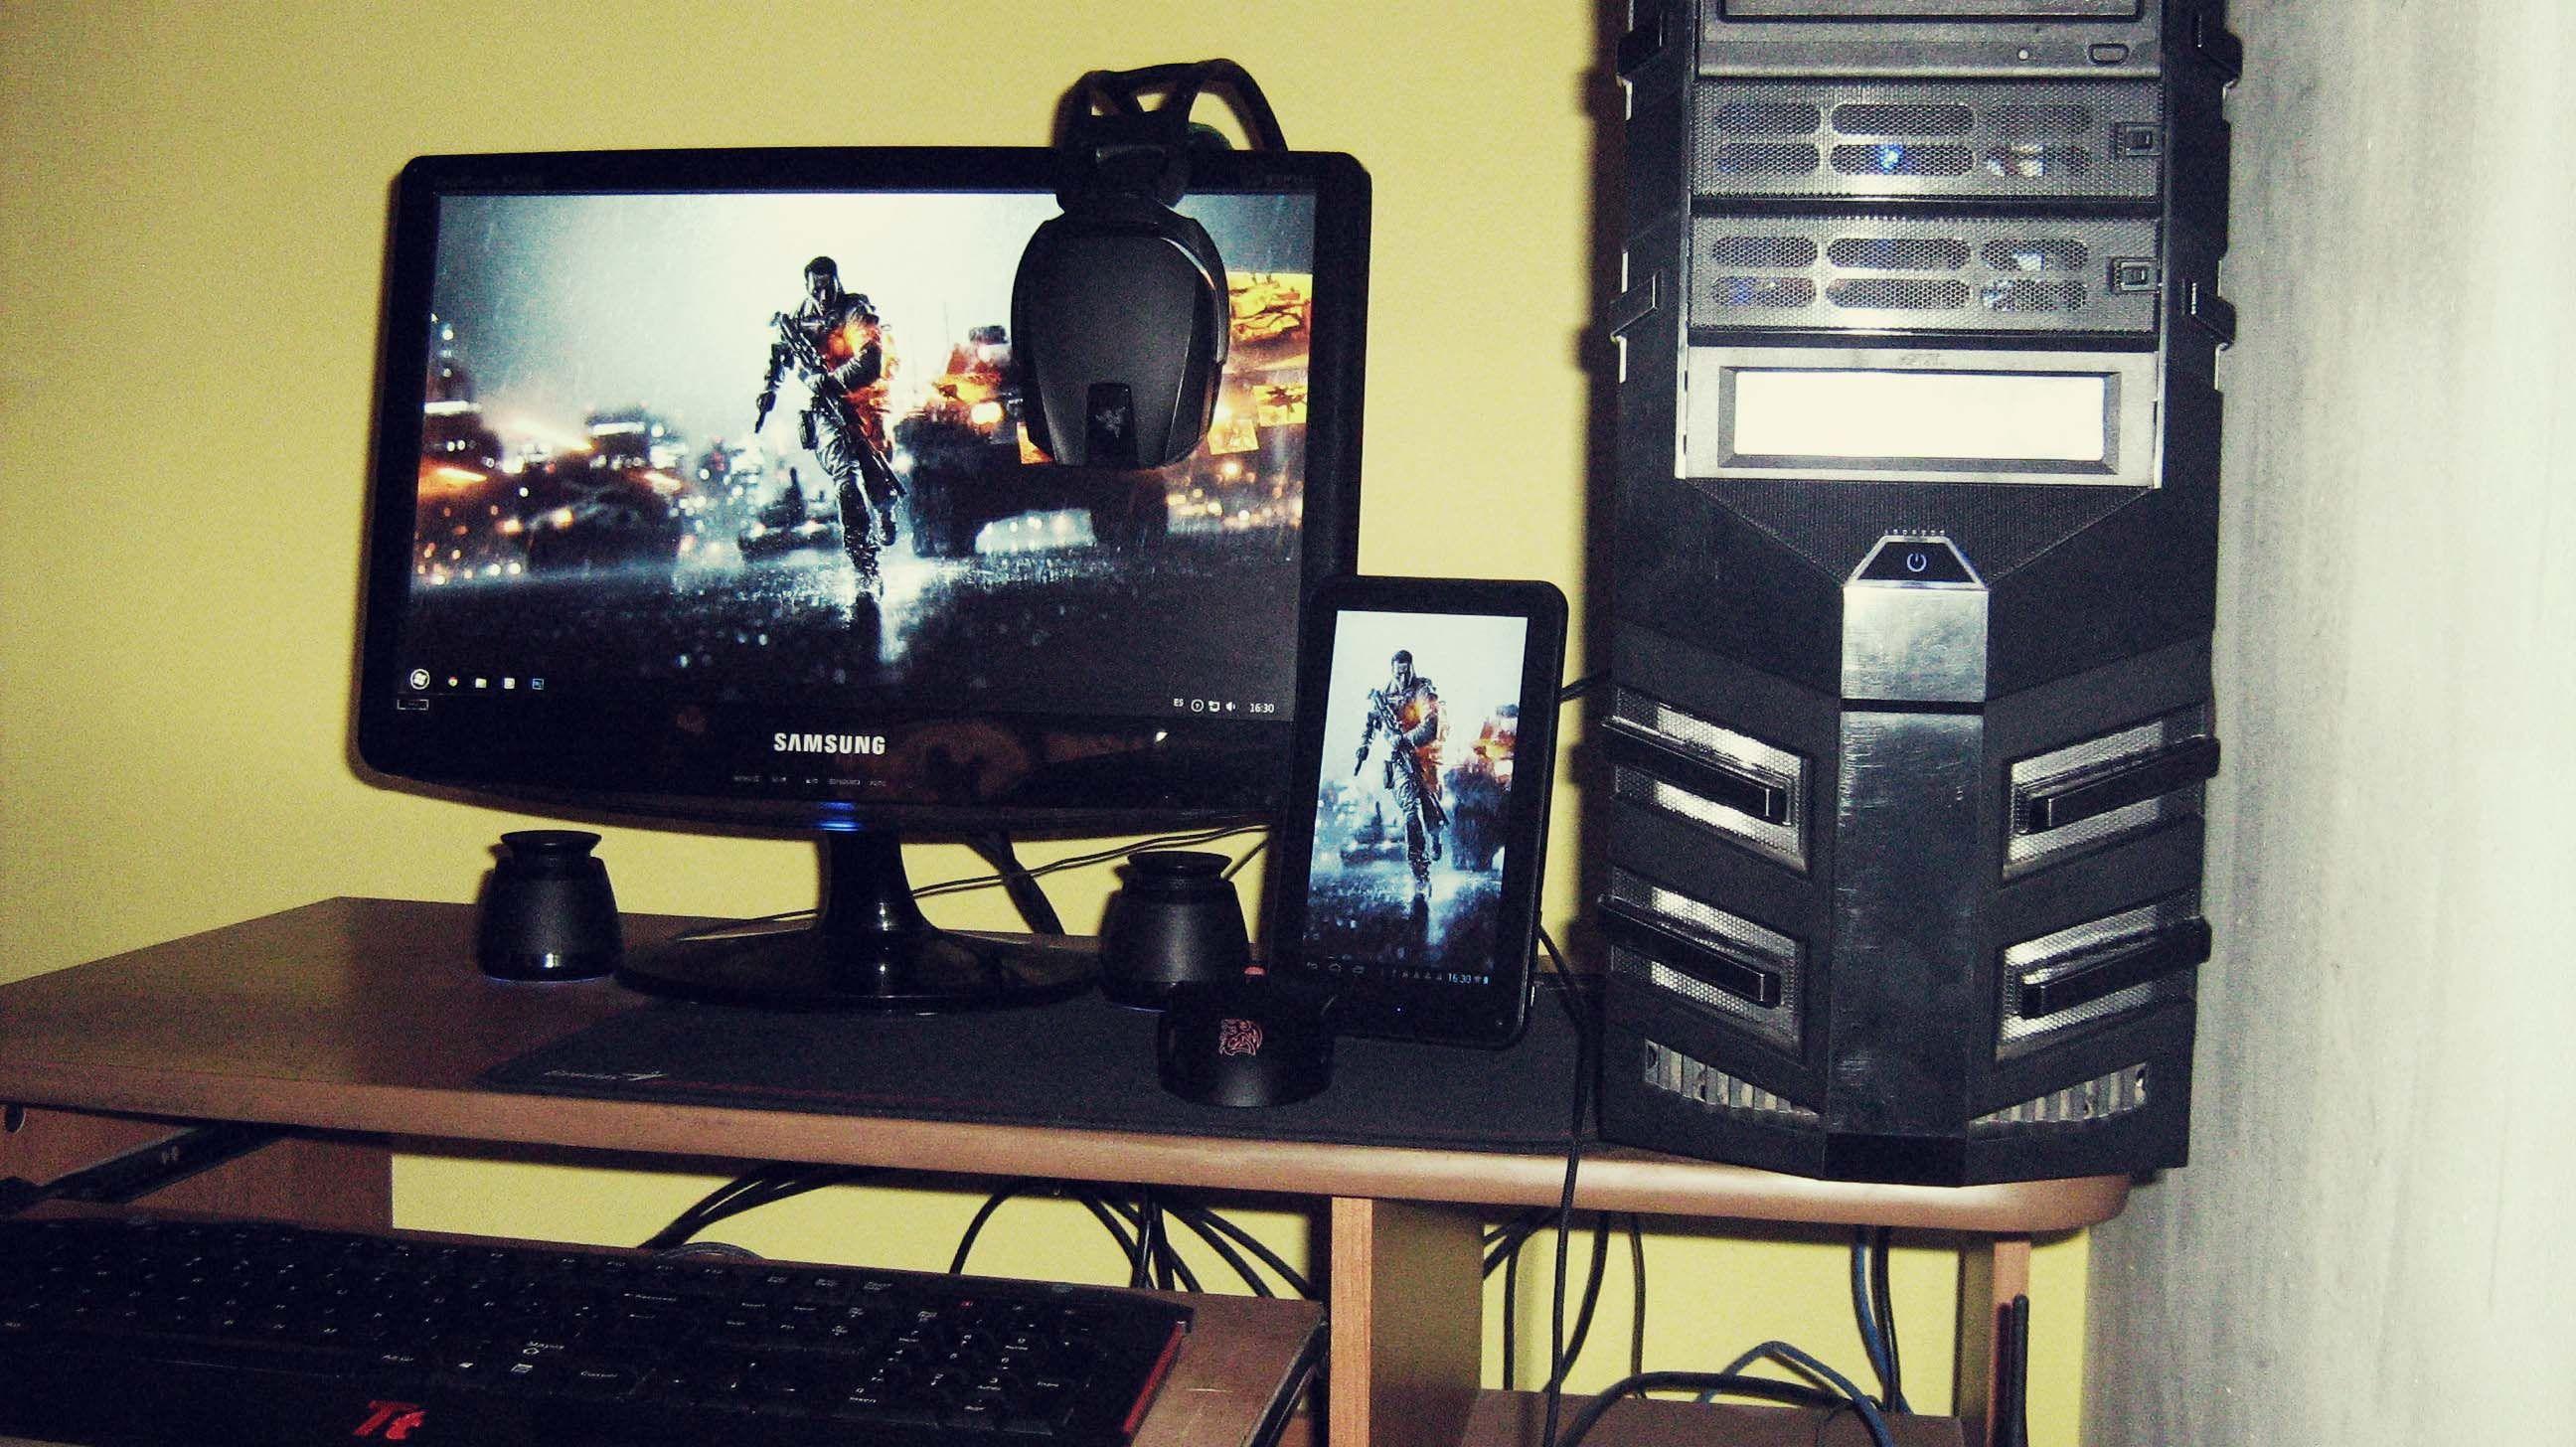 Interface PC Gamer Wallpaper  laptop computer  Pc gamer